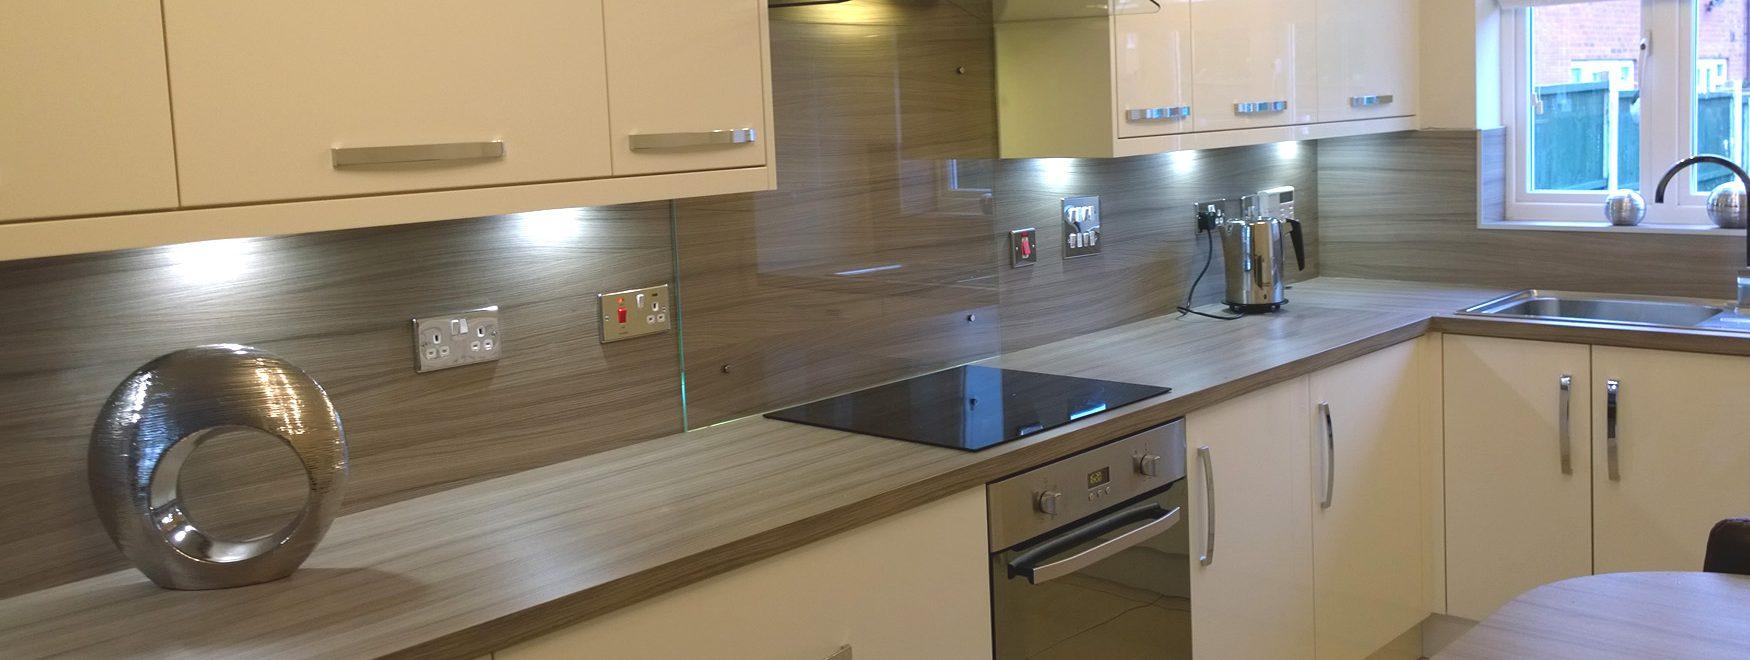 kitchen fitted in stratford upon avon